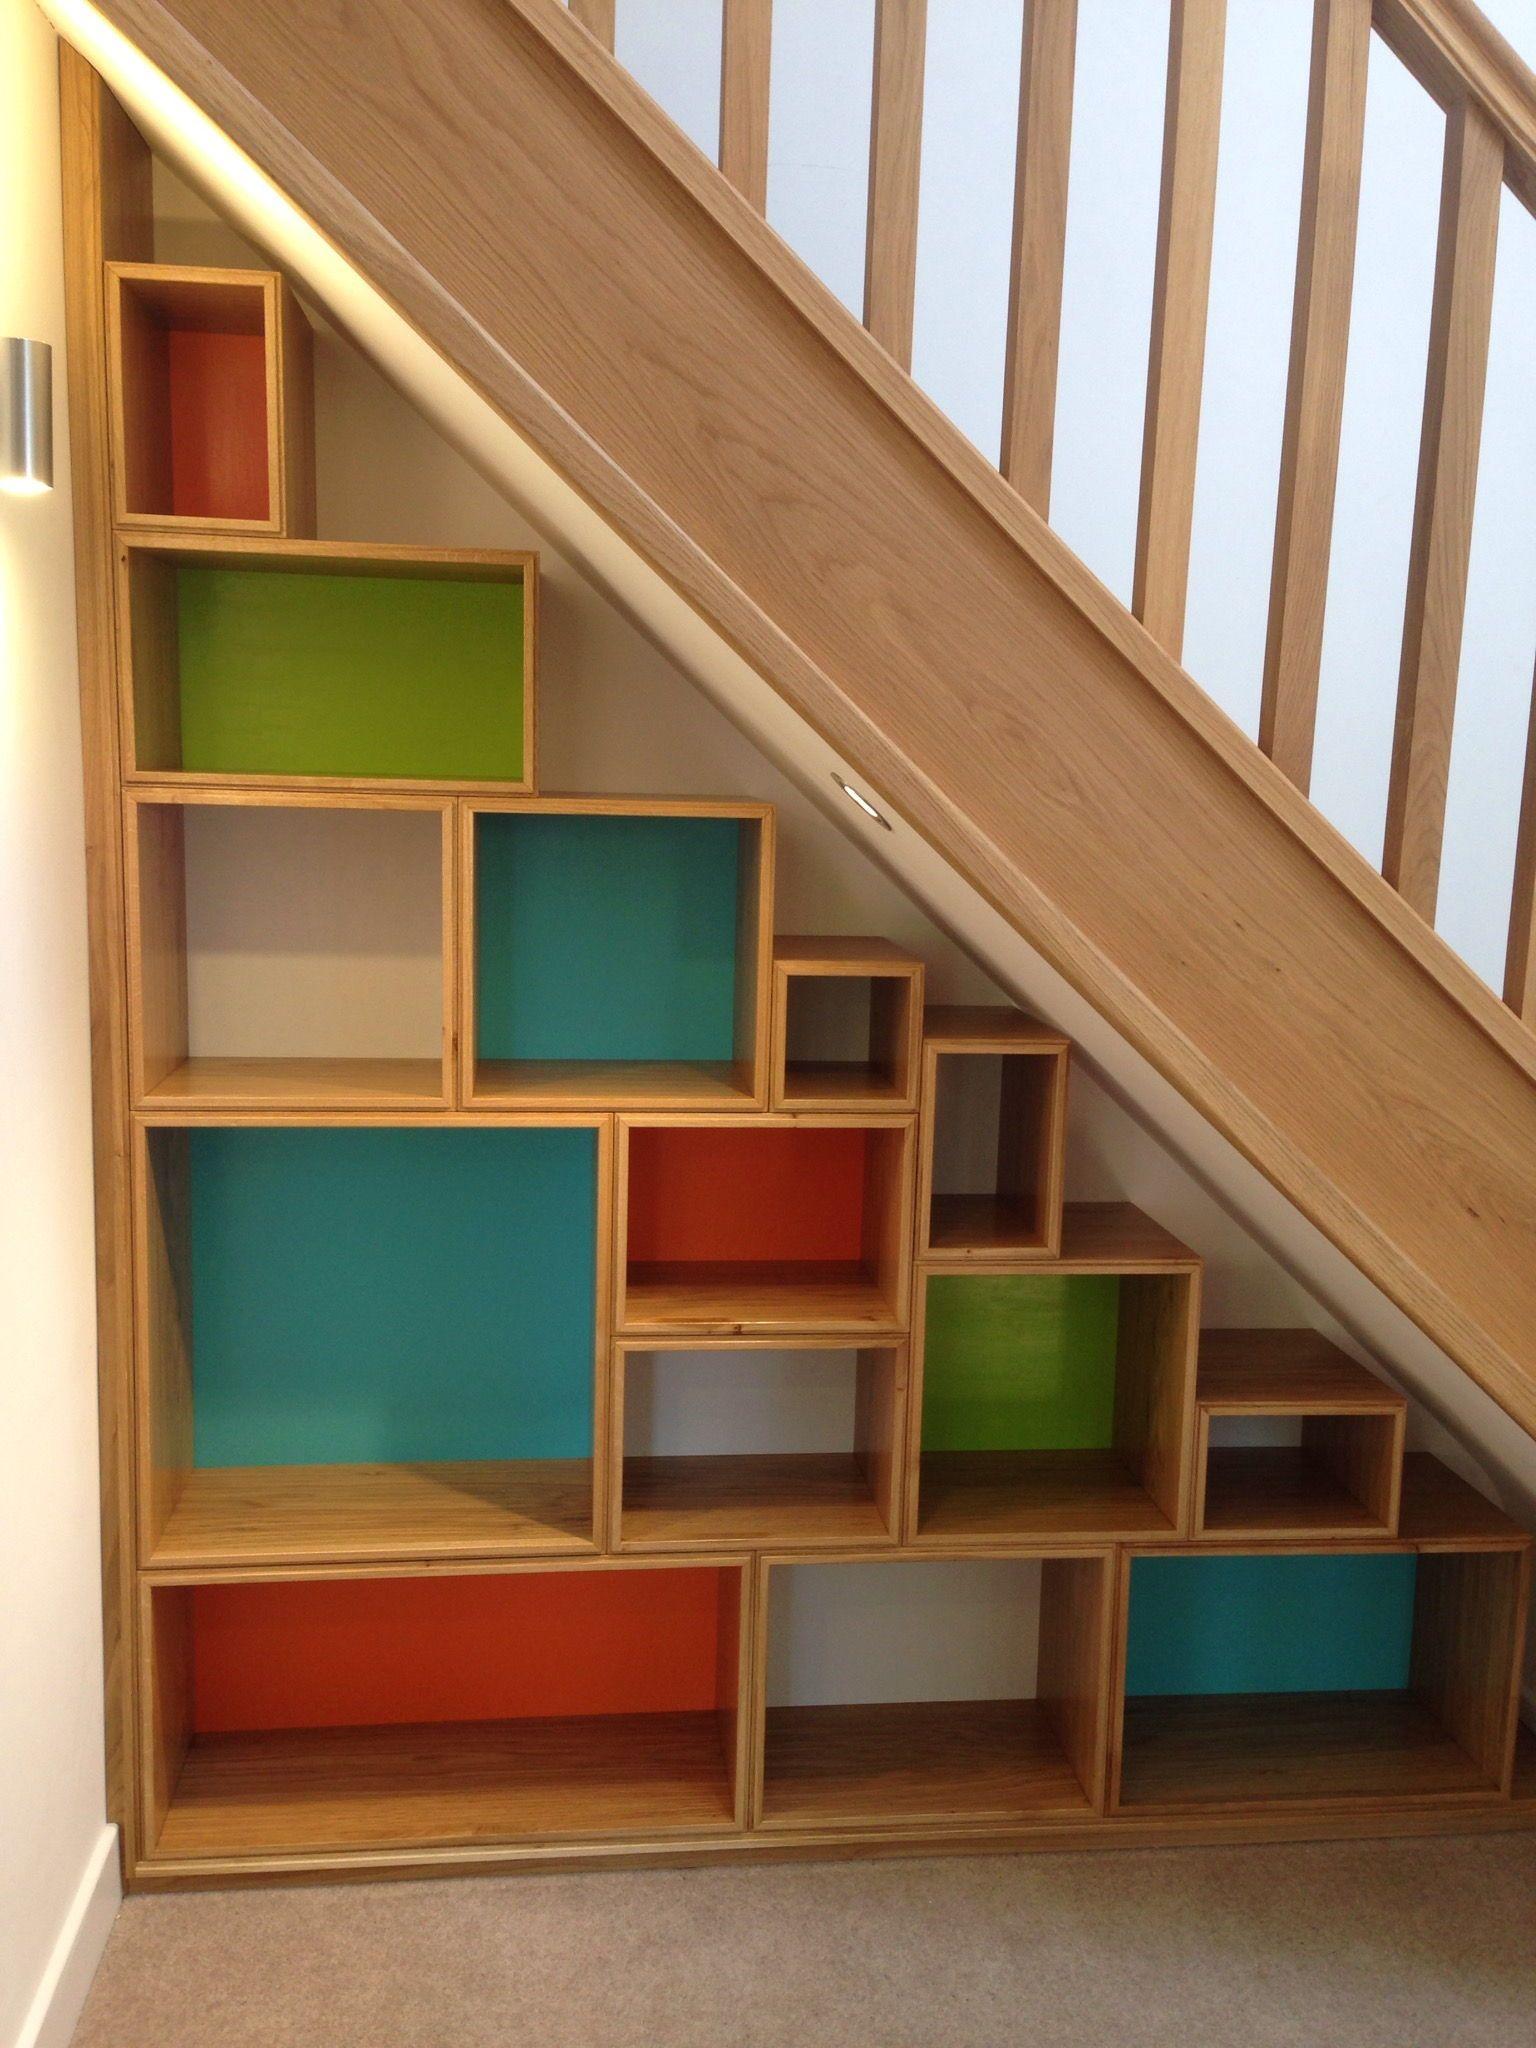 8 Genius Under Stairs Storage Ideas In 2020 Stair